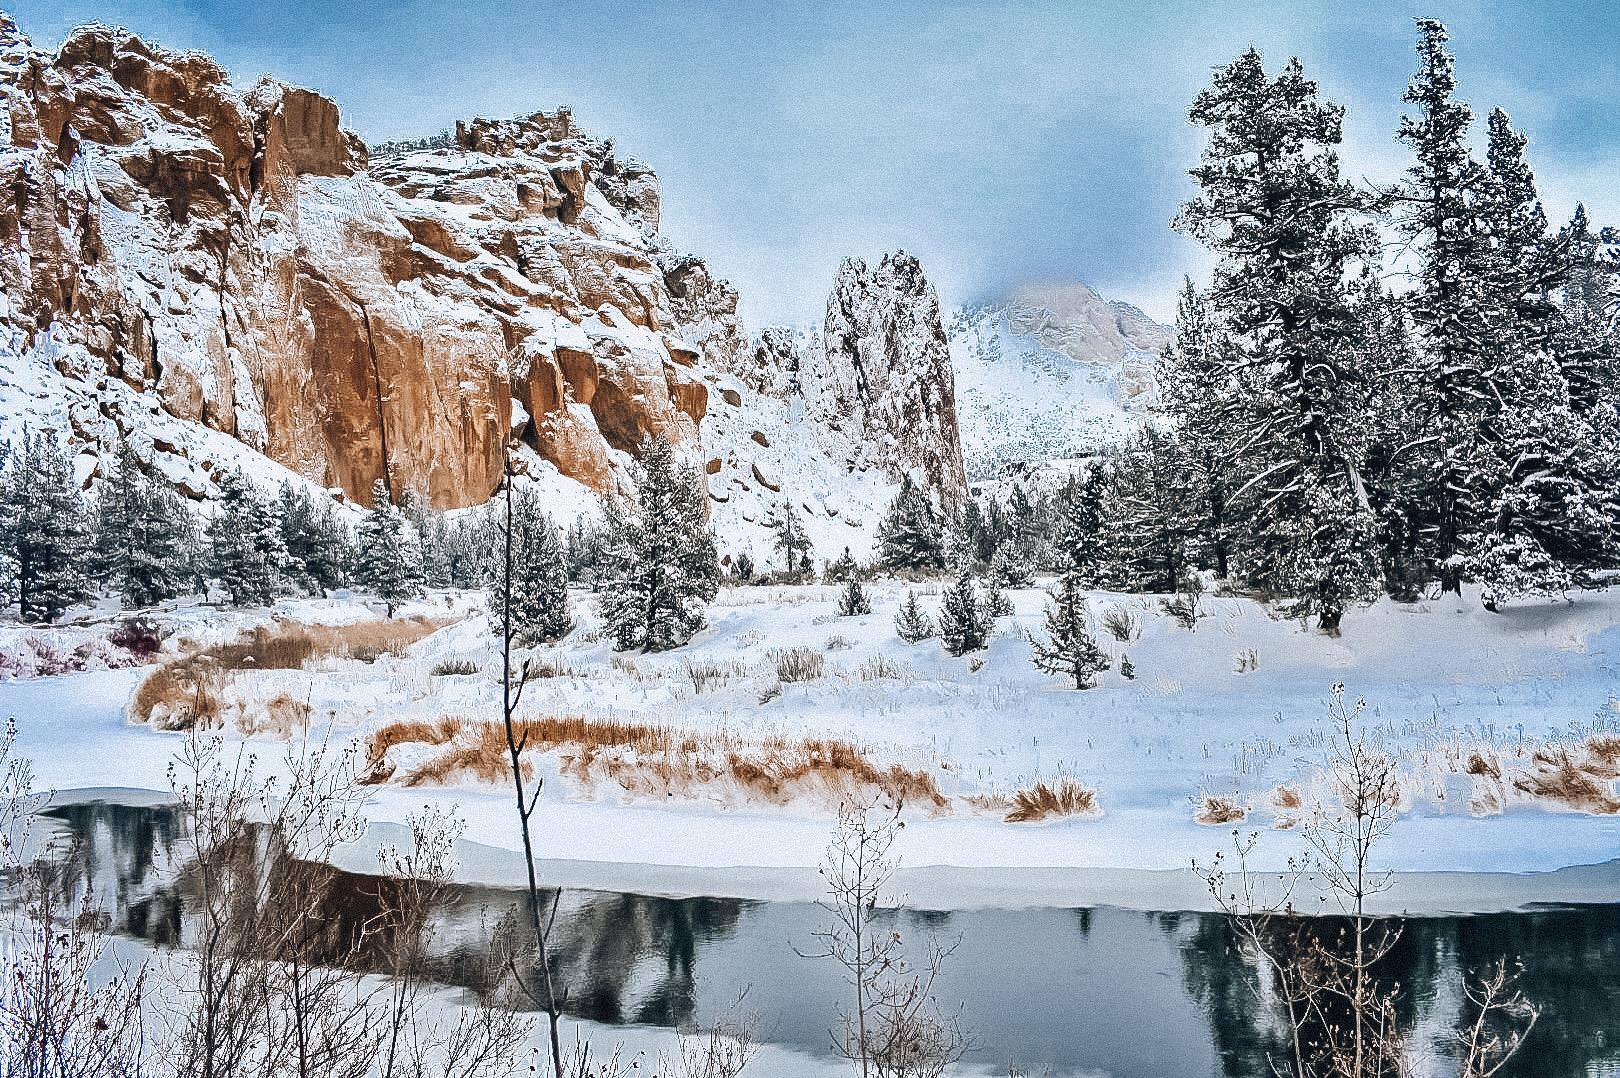 snowy-smith-rock-winter-romance-in-bend